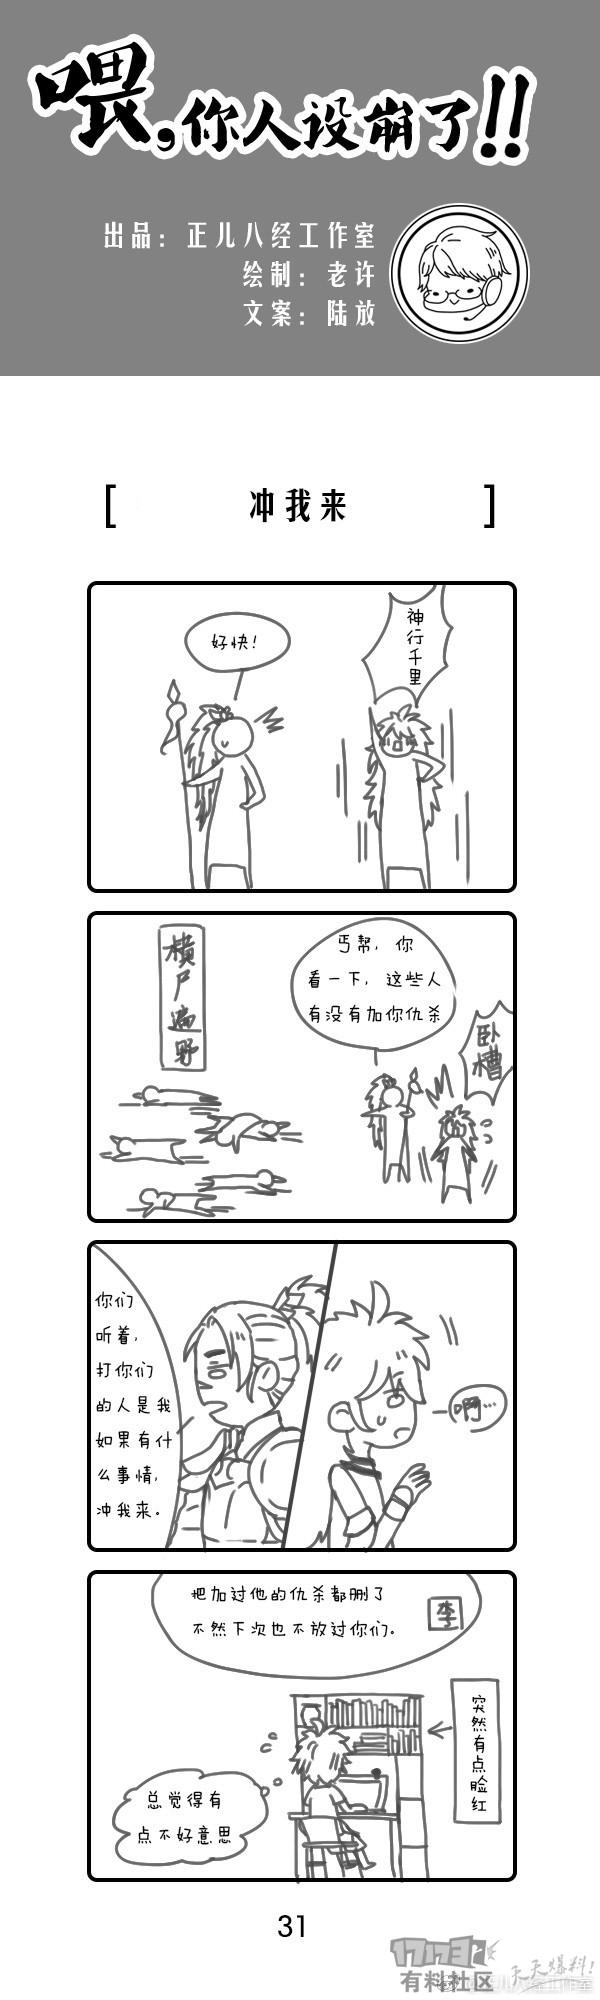 7 (16).jpg